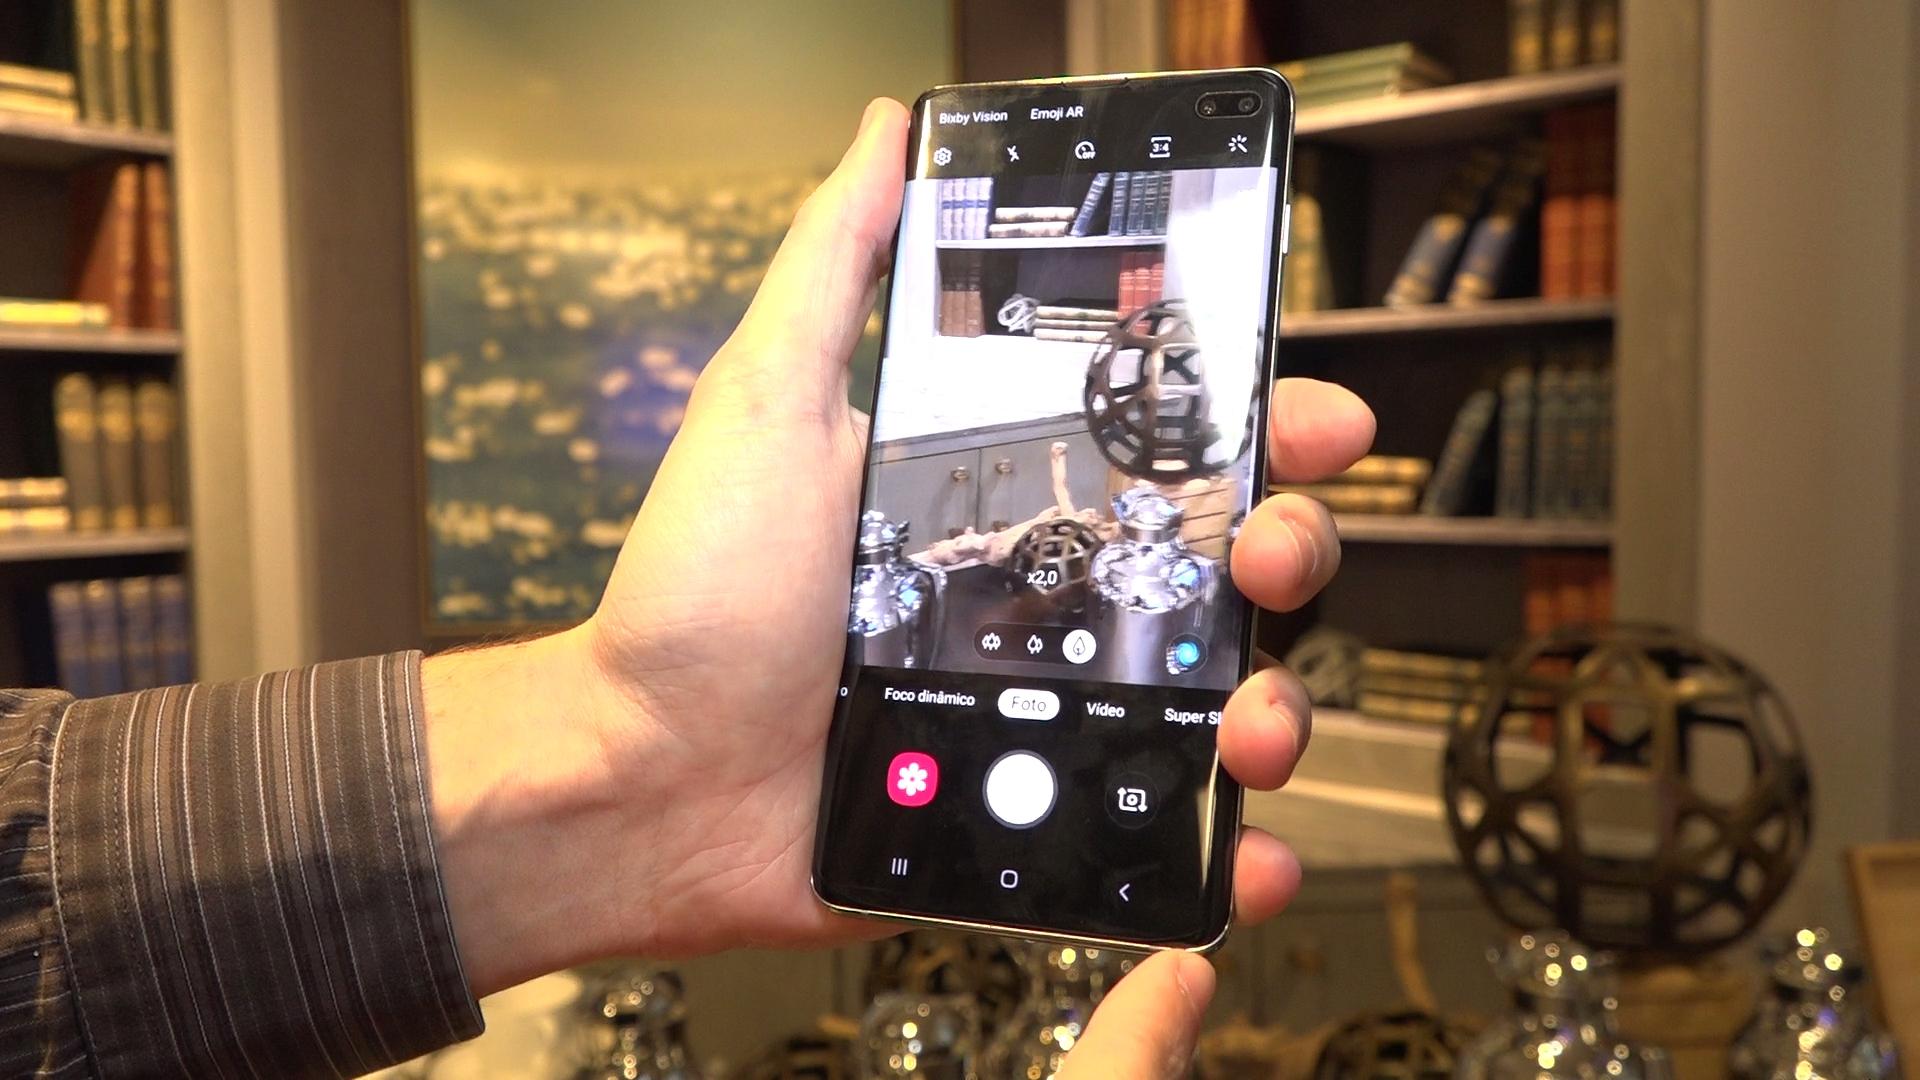 Galaxy S10+ cameras software